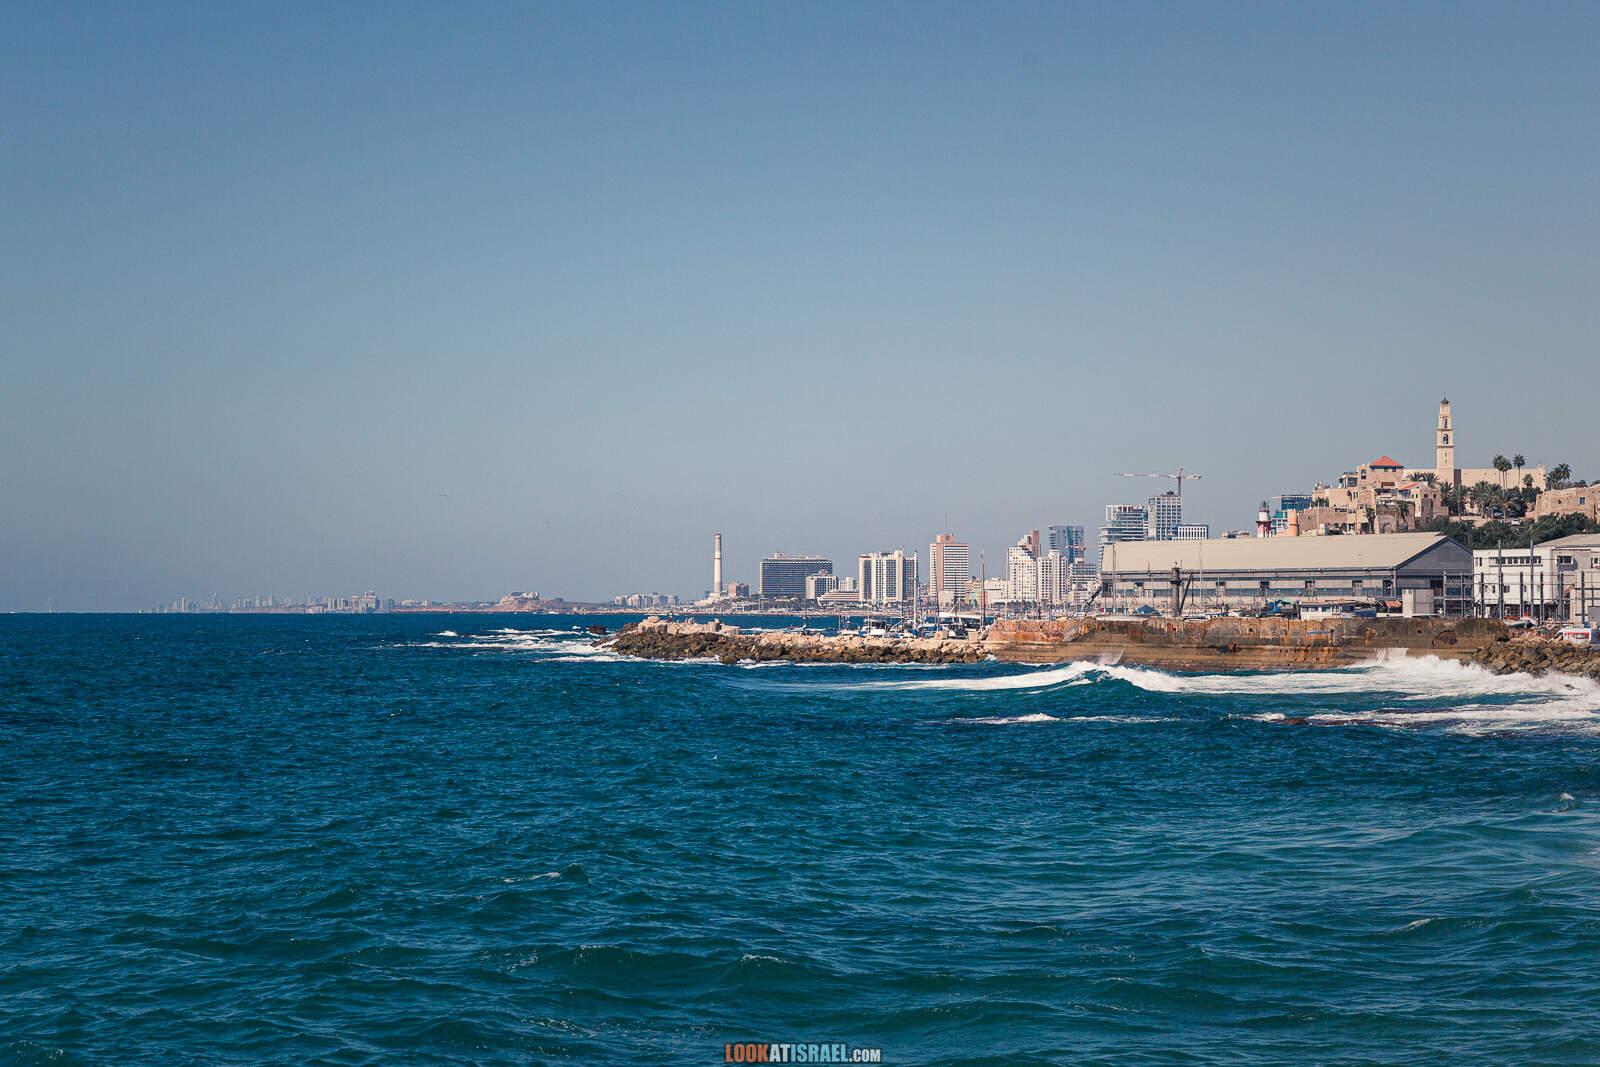 Случайные фотографии из жизни Тель Авива Яффо | LookAtIsrael.com - Фото путешествия по Израилю